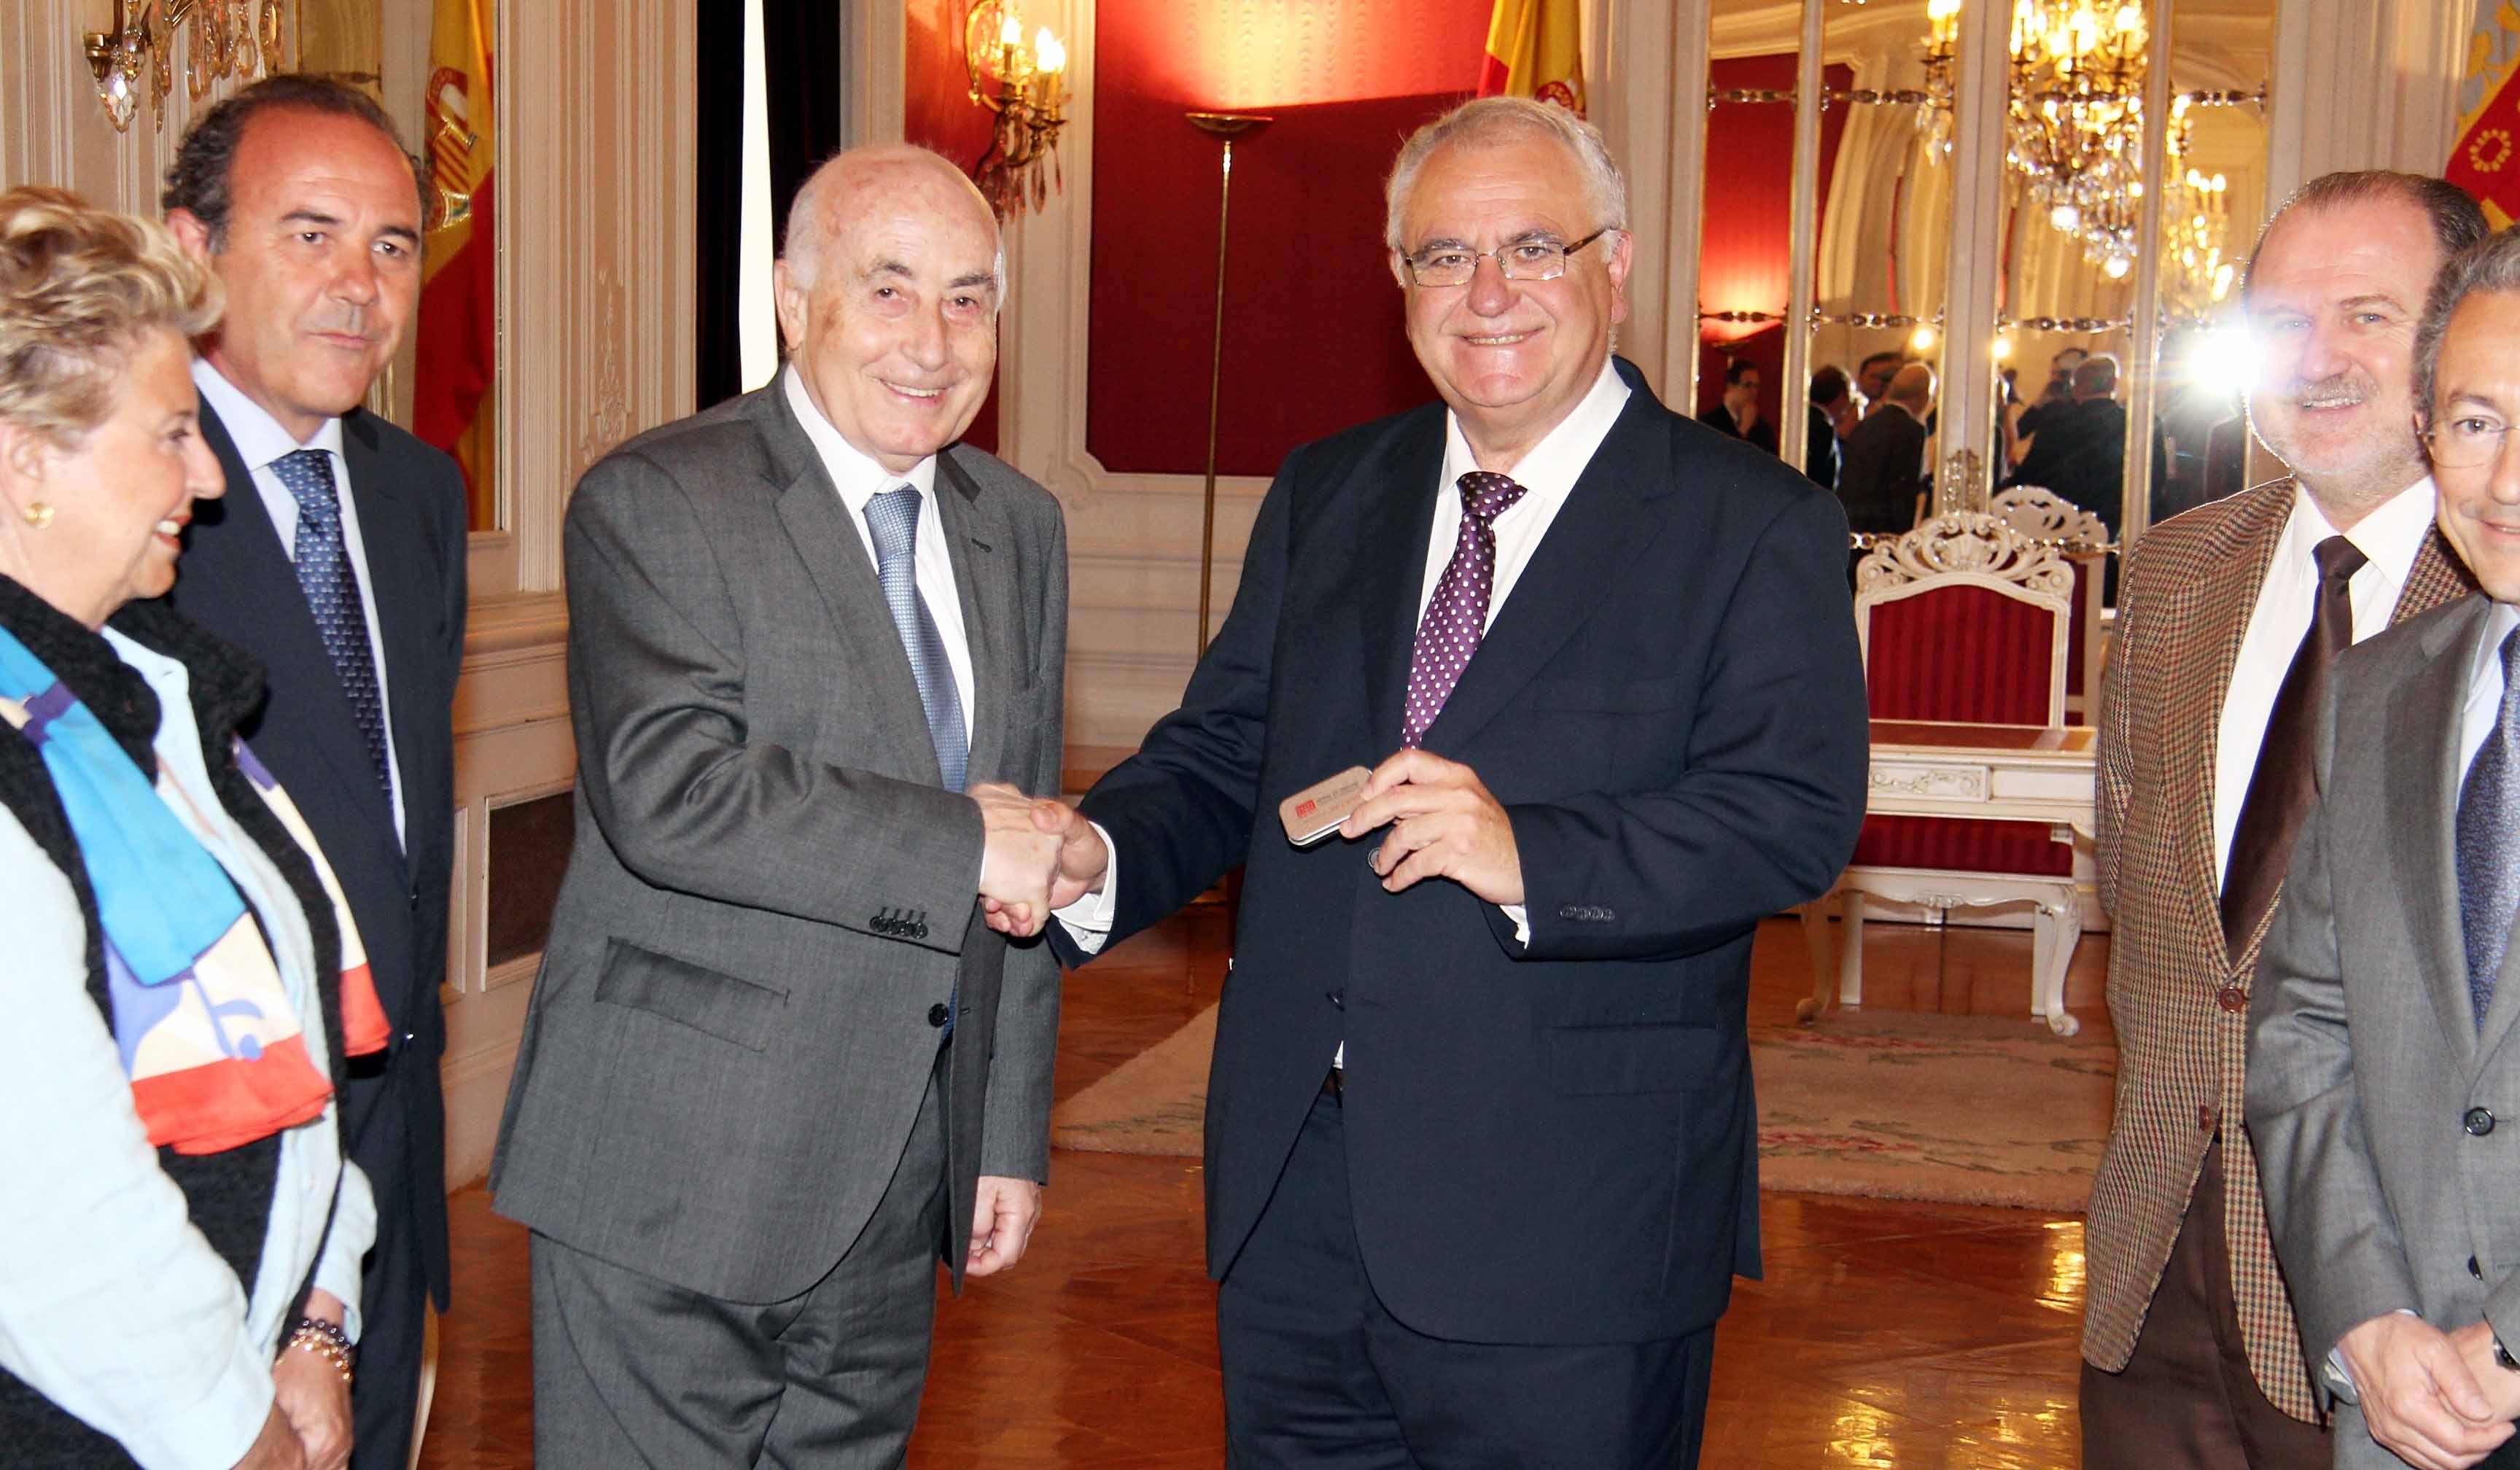 El síndic entrega el Informe Anual 2011 al presidente de Les Corts Valencianes